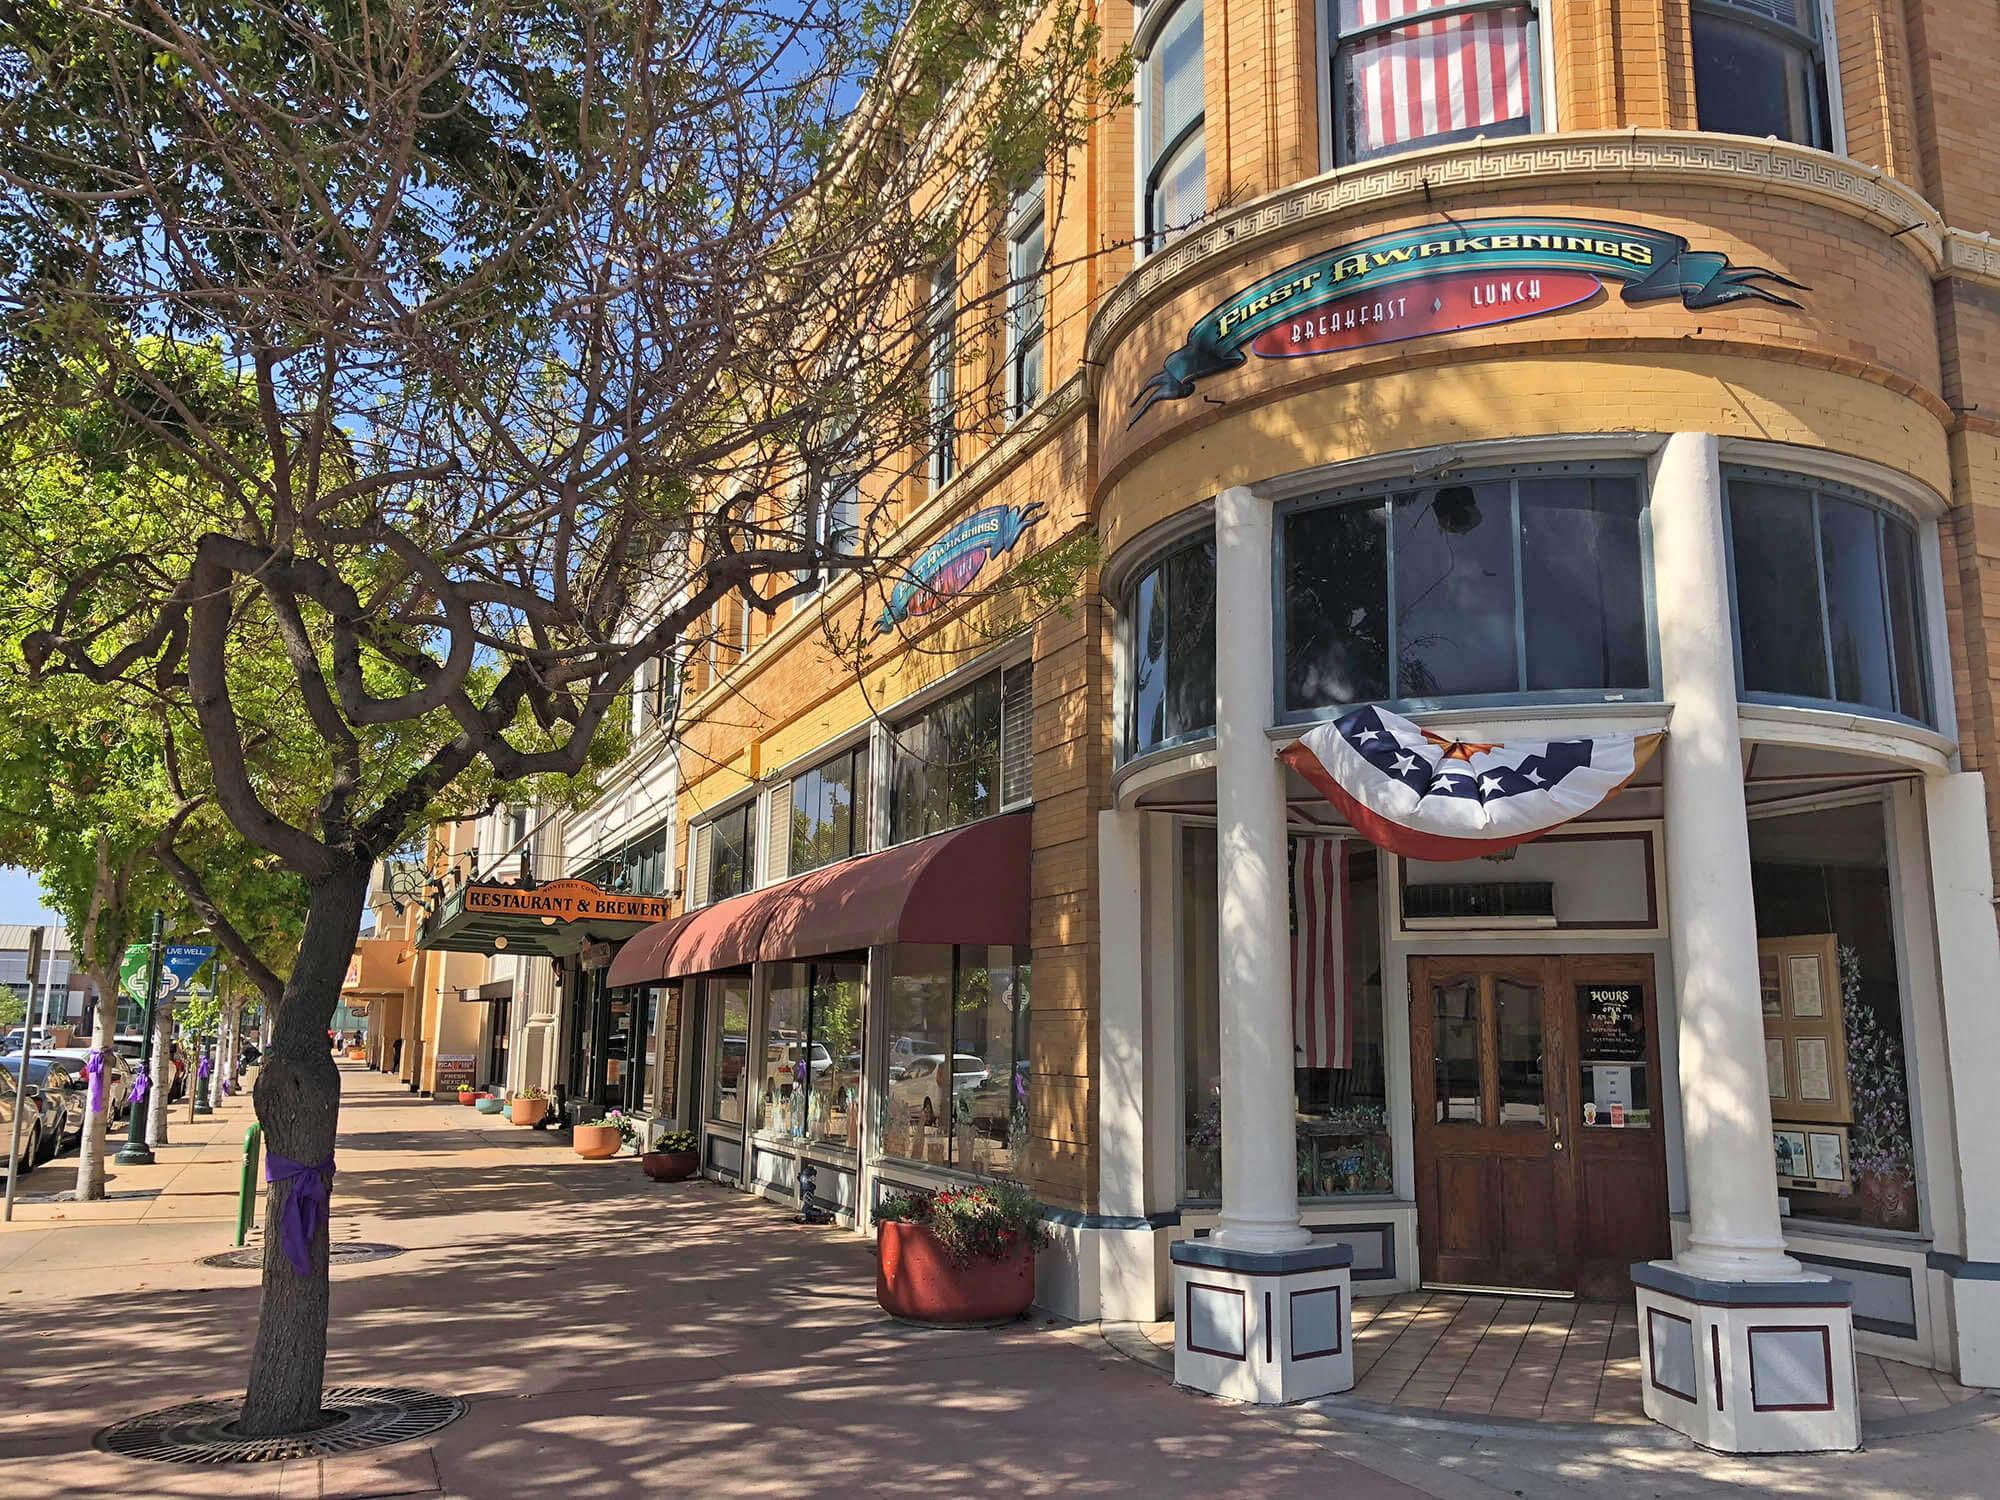 Салинас — небольшой провинциальный город с тихими улочками и малоэтажной застройкой. Тут родился писатель Джон Стейнбек